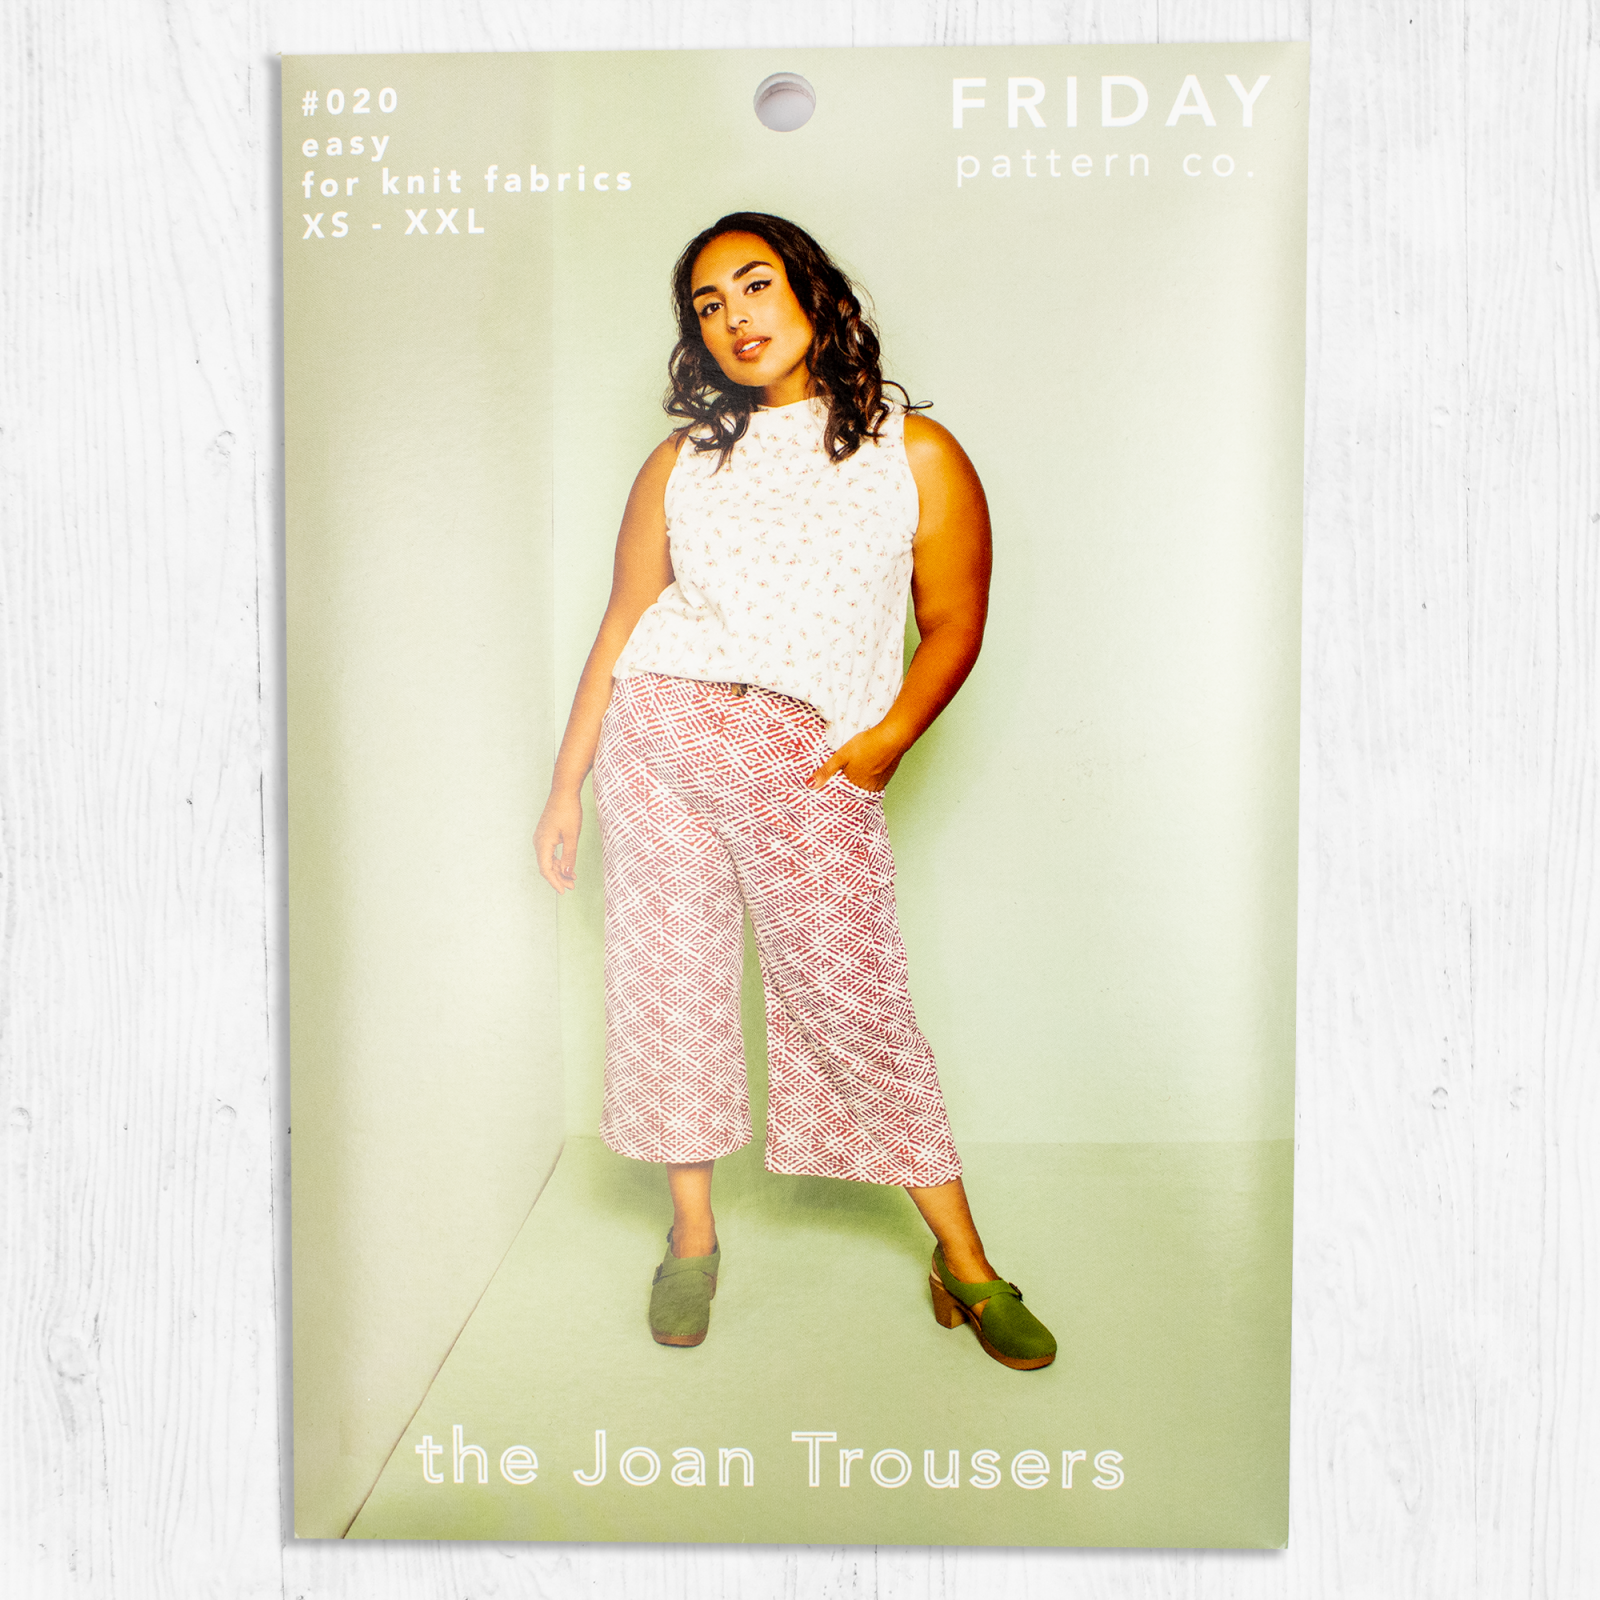 Friday Pattern Co. - Joan Trousers